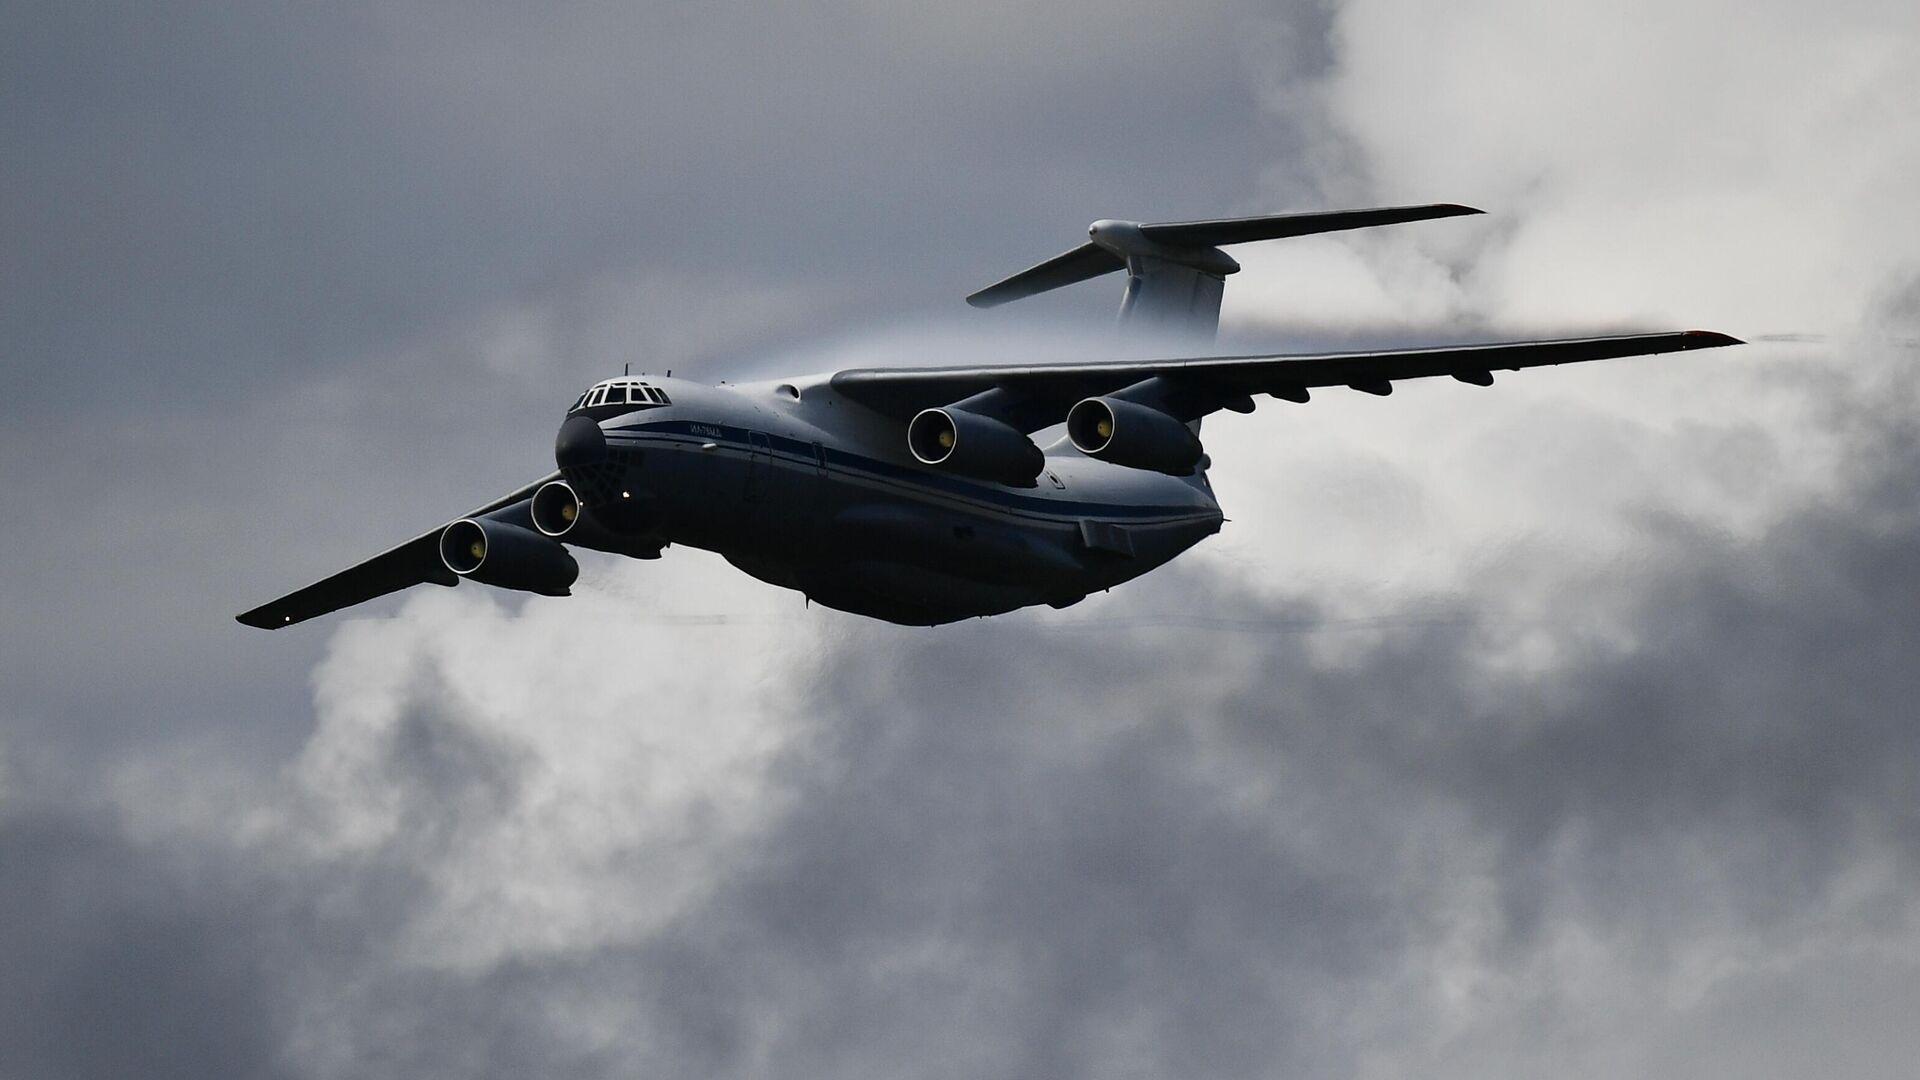 В Мордовии военные самолеты выполнили 17 вылетов для тушения пожара